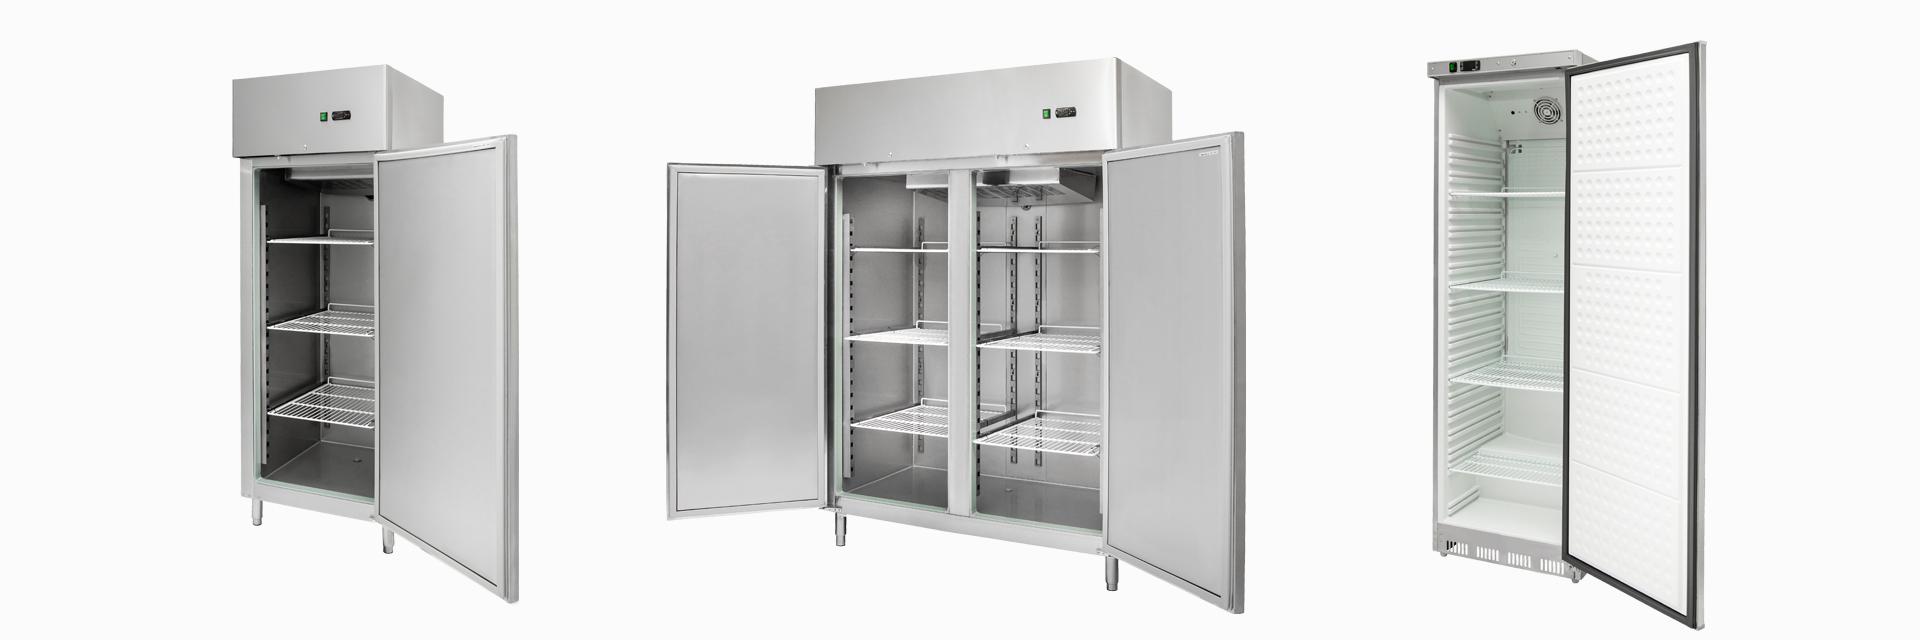 Tropikalizált hűtőszekrények különböző típusai